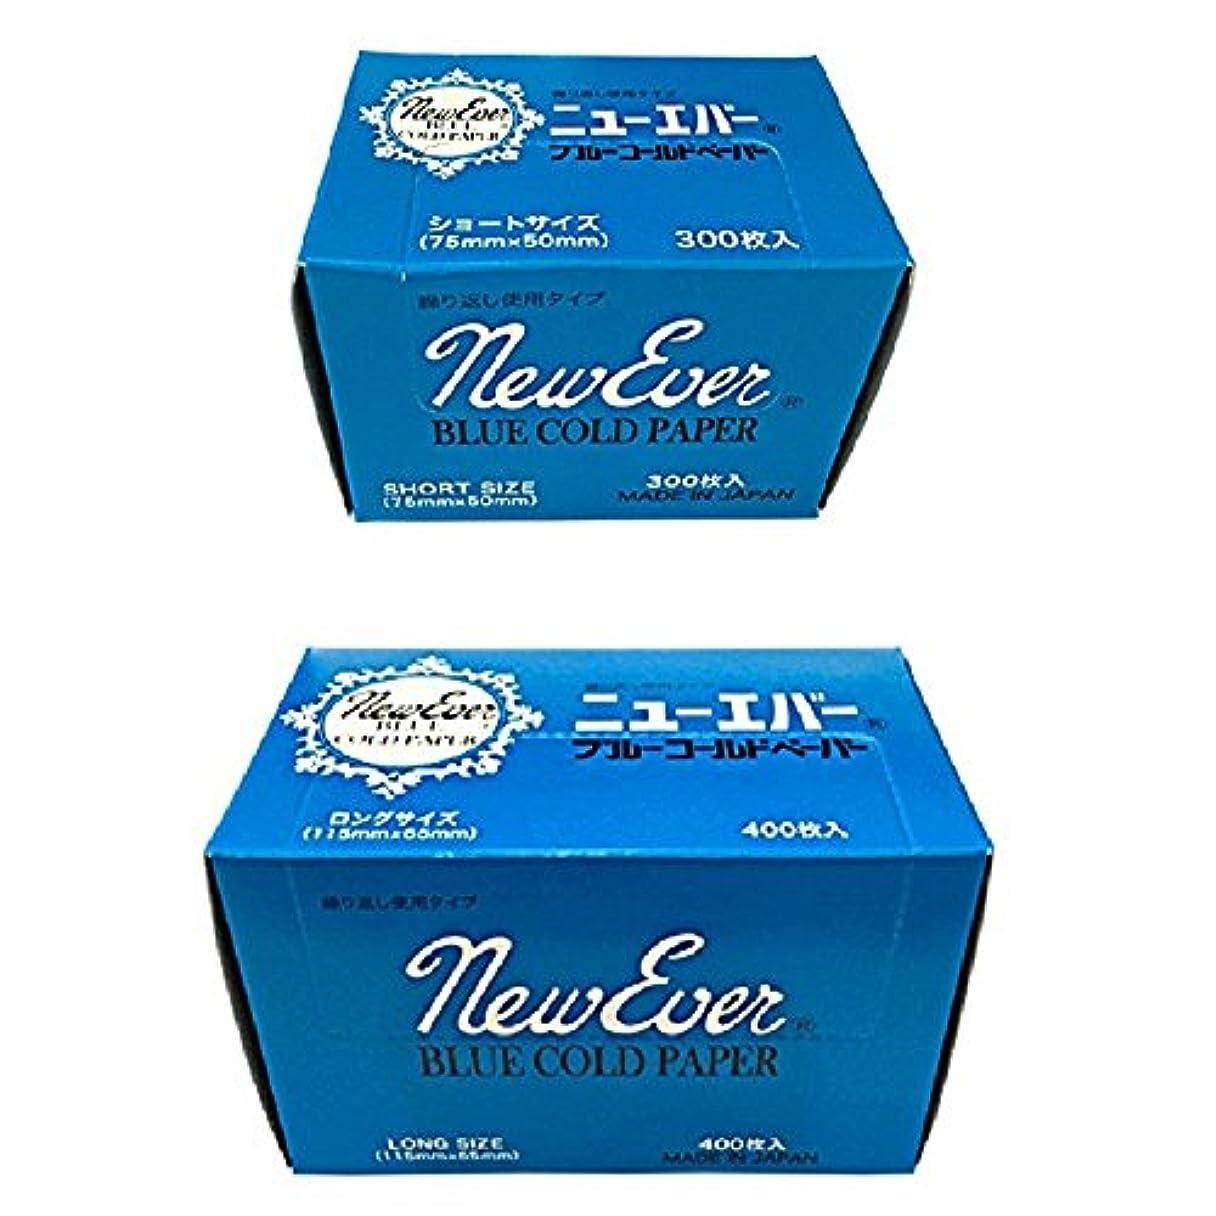 【セット】 エバーメイト ニューエバー ブルーペーパー S スモールサイズ 300枚入り & L ロングサイズ 400枚入